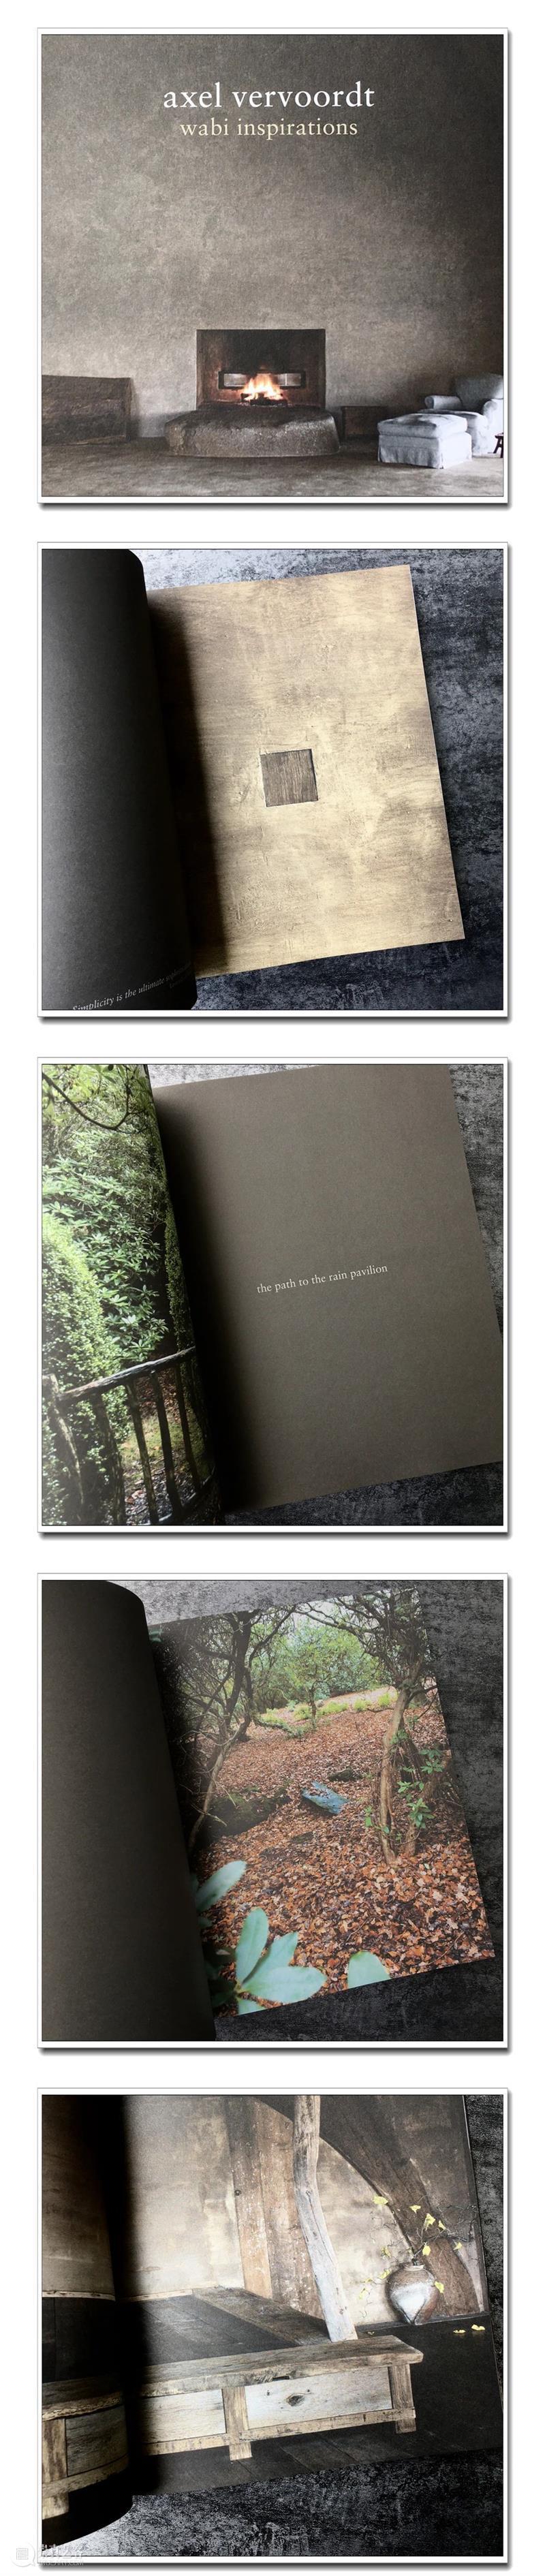 一日一书   阿塞尔·维伍德:侘寂灵感 崇真艺客